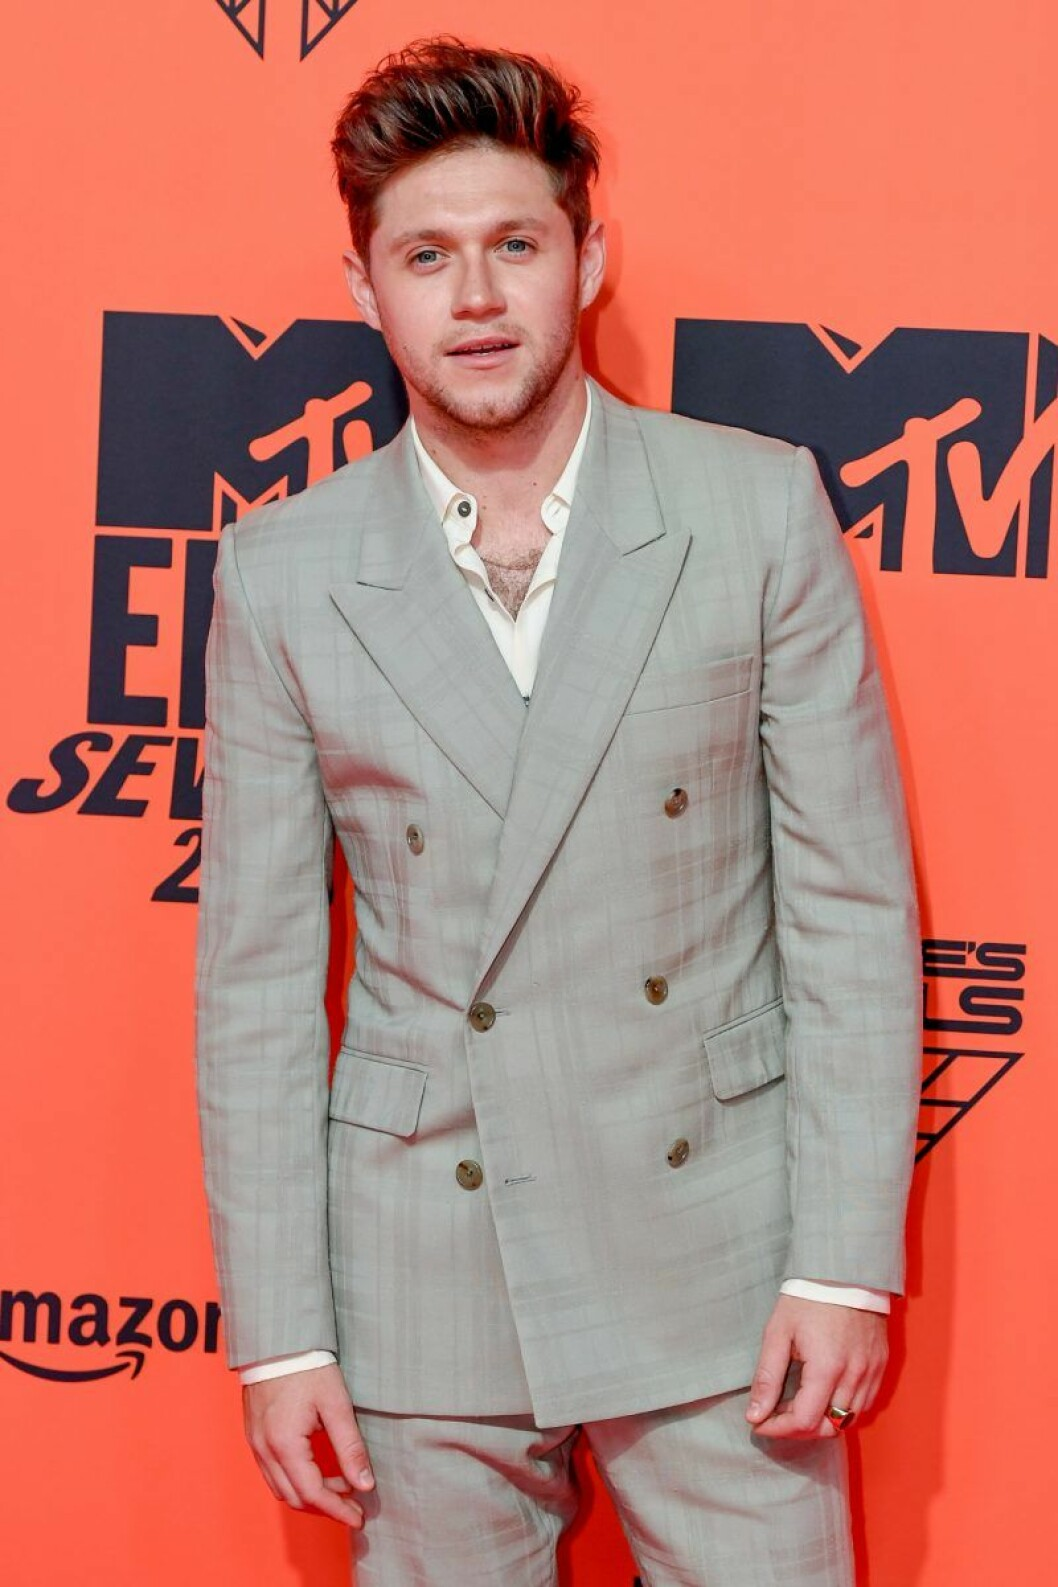 Niall Horan å MTV EMA 2019 – se alla bilder här!